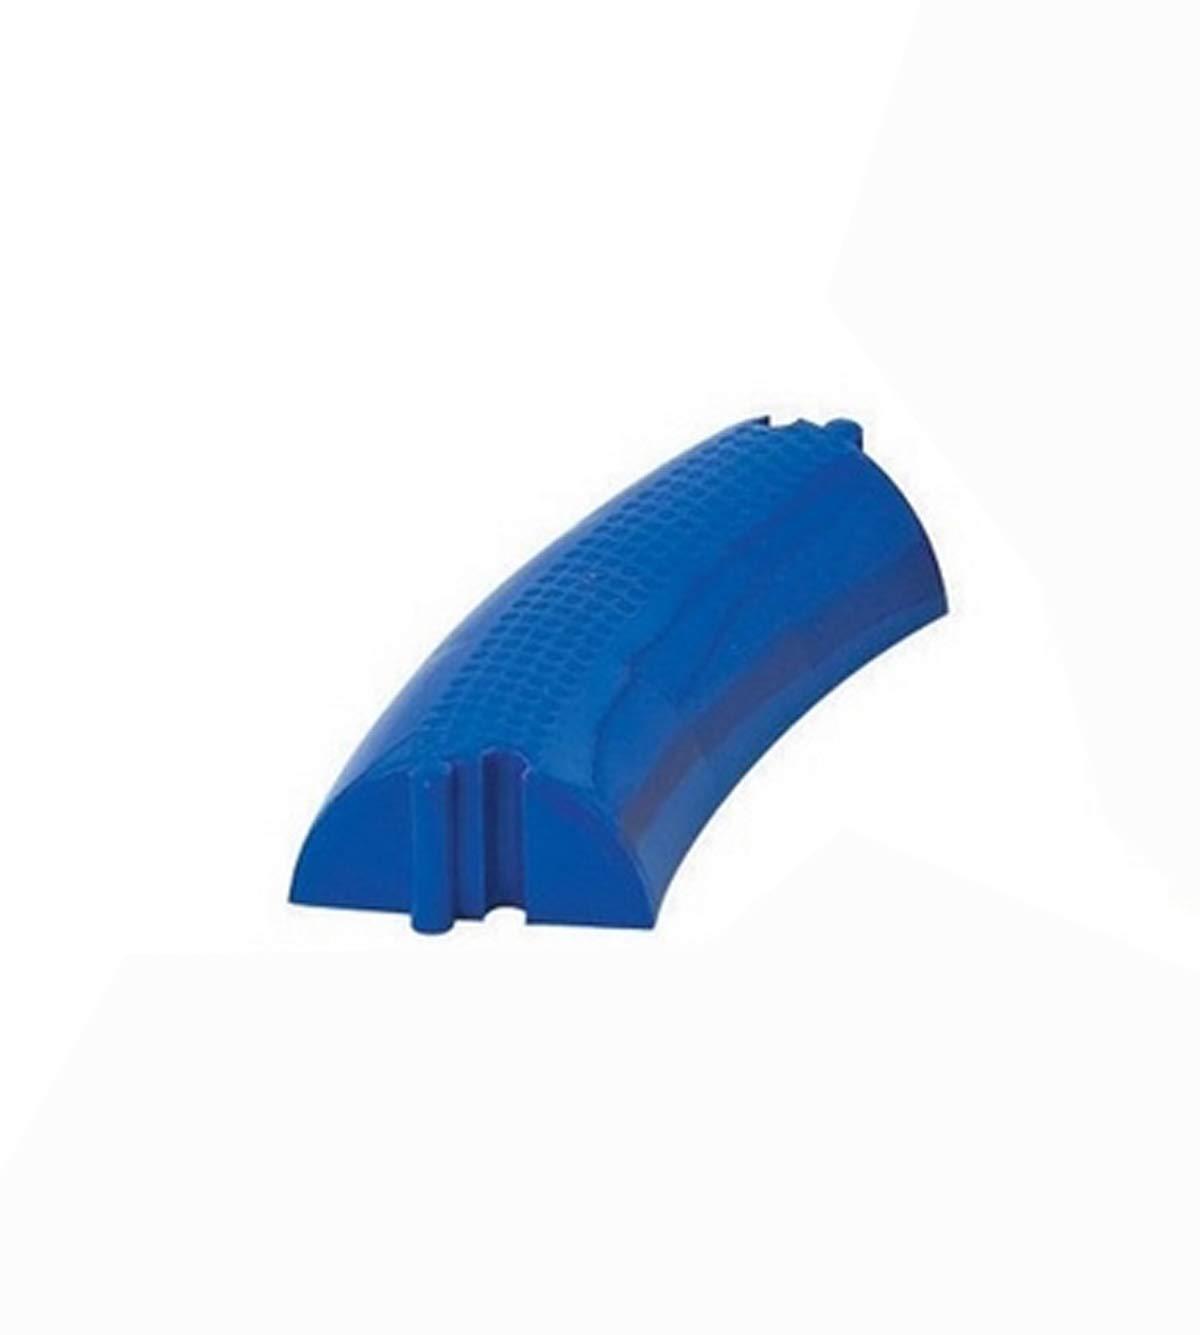 Visiodirect Poutre d'équilibre Courbe Coloris Bleu - Dimensions : 30 x 12 x 6 cm